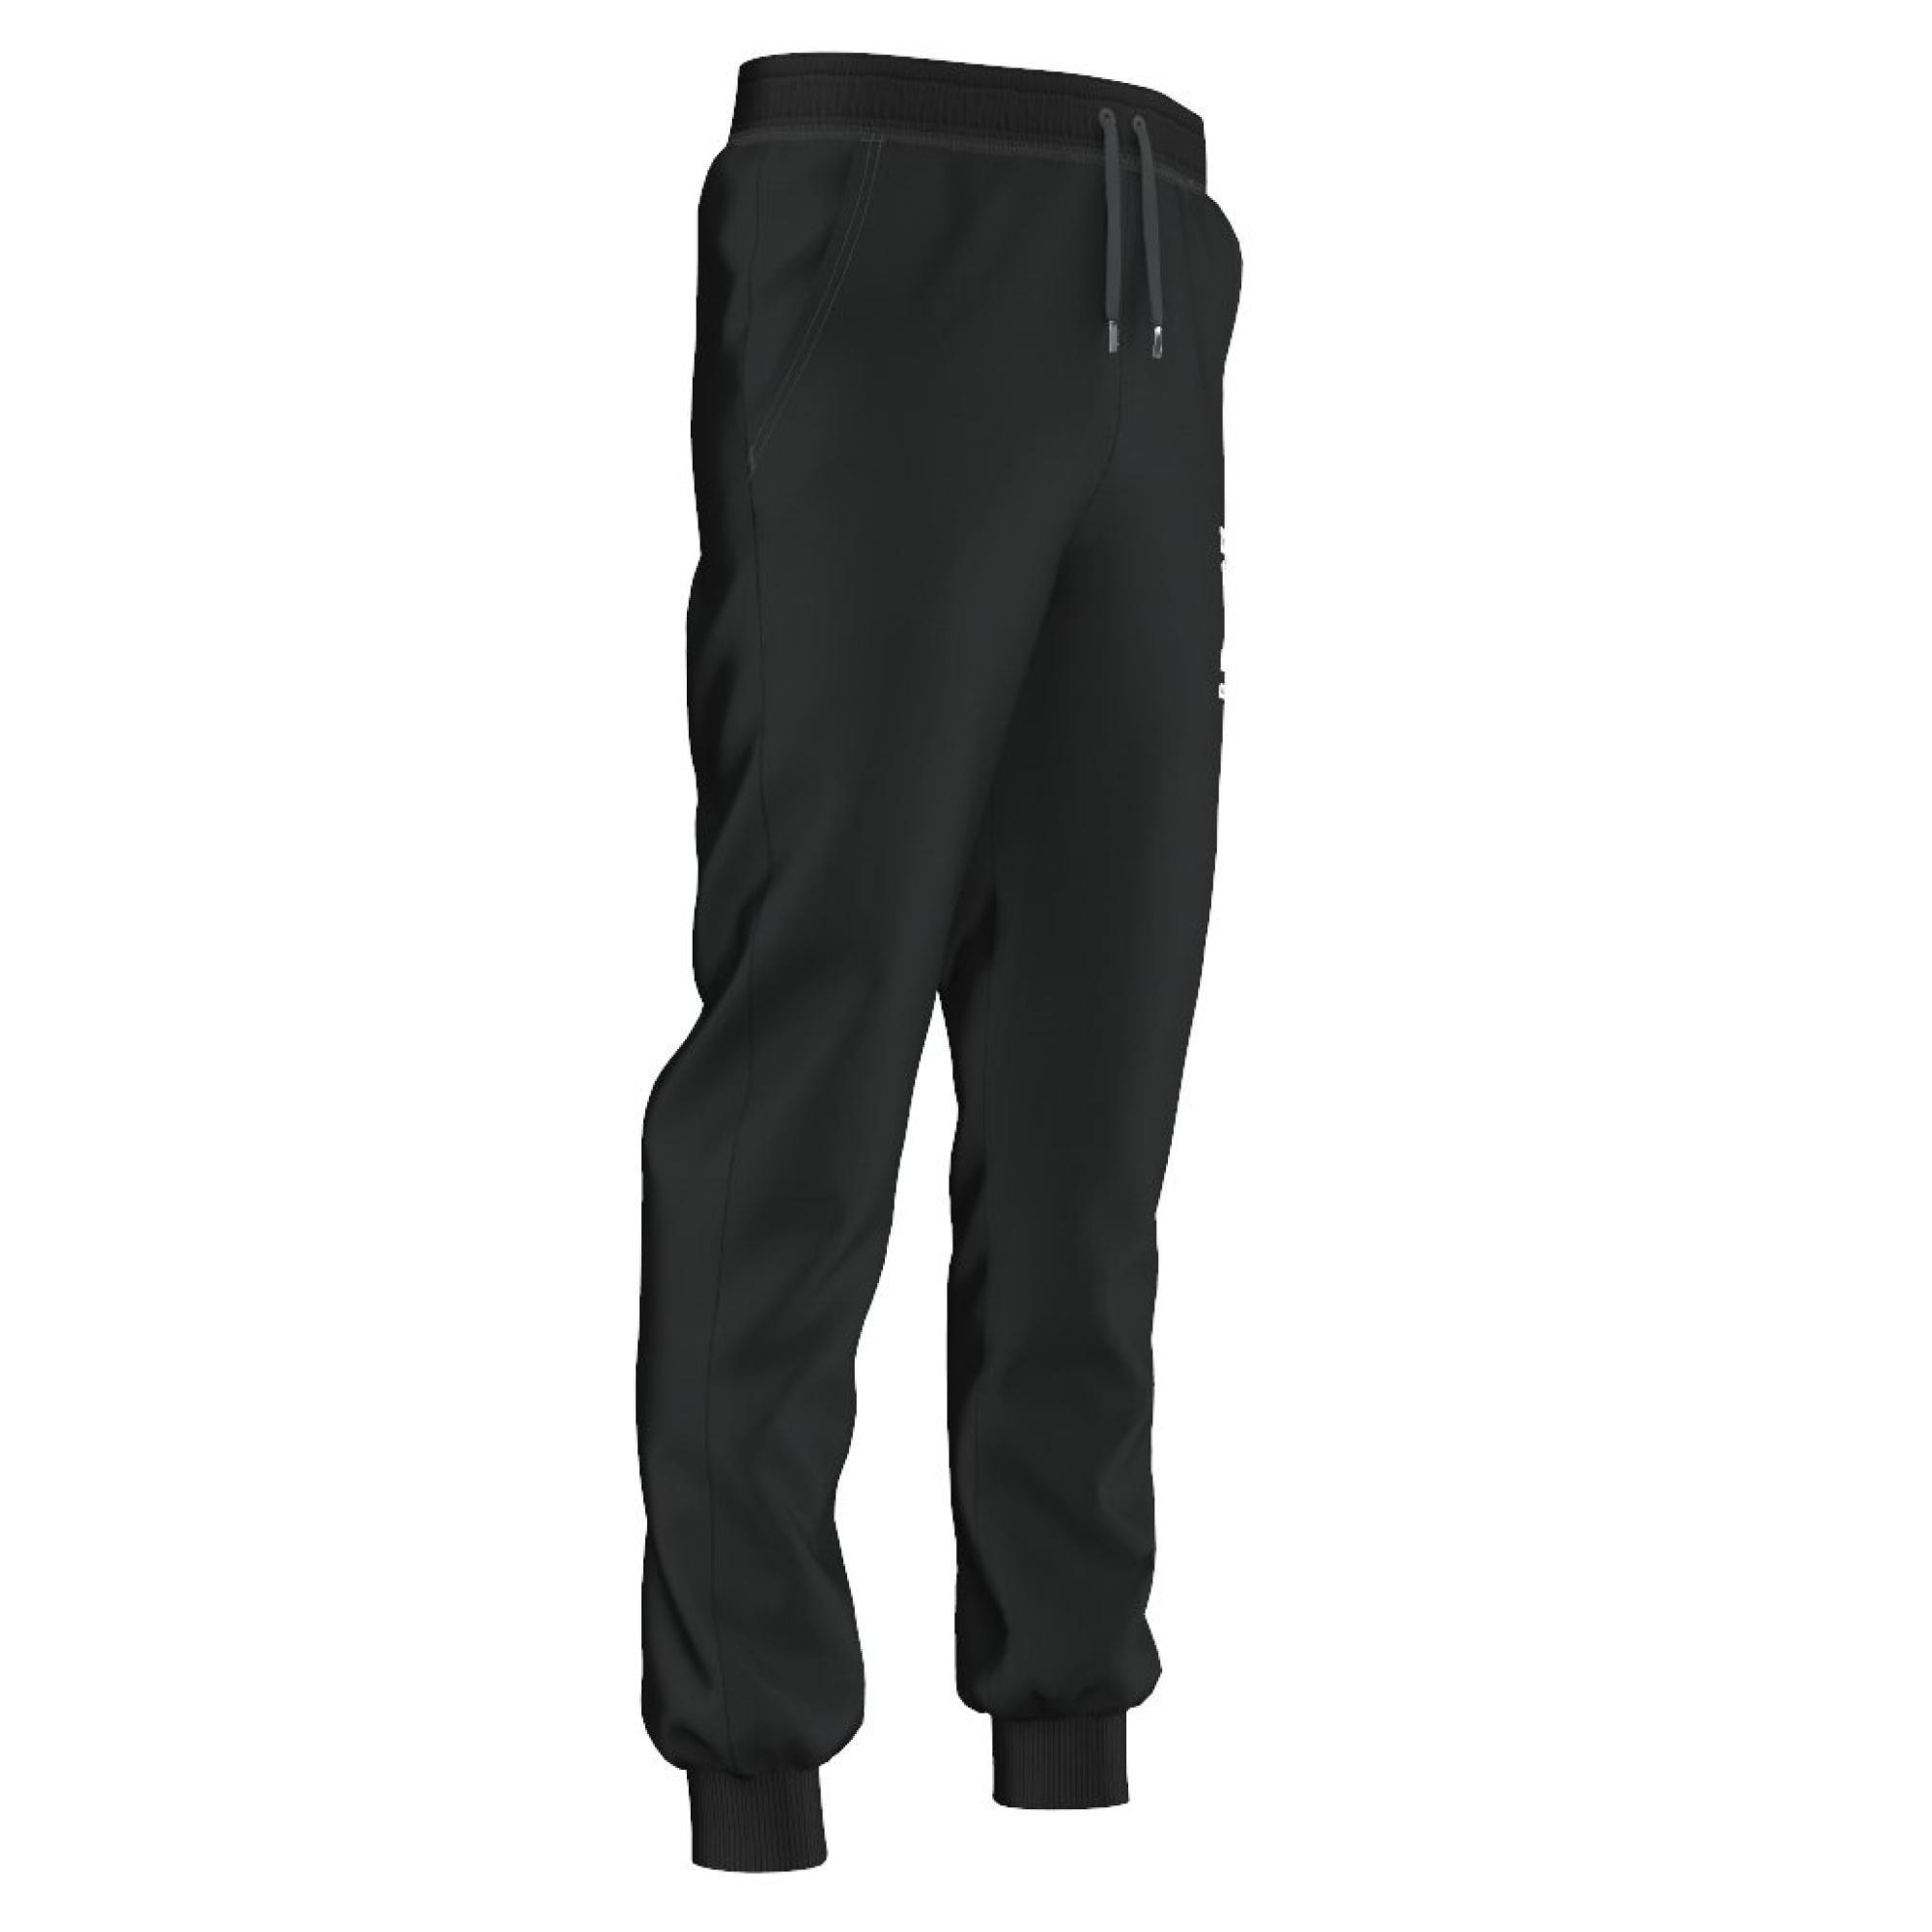 6b71d91cca05 ... Adidas chlapčenske nohavice AB1669 J LE PANTS Adidas chlapčenské ...